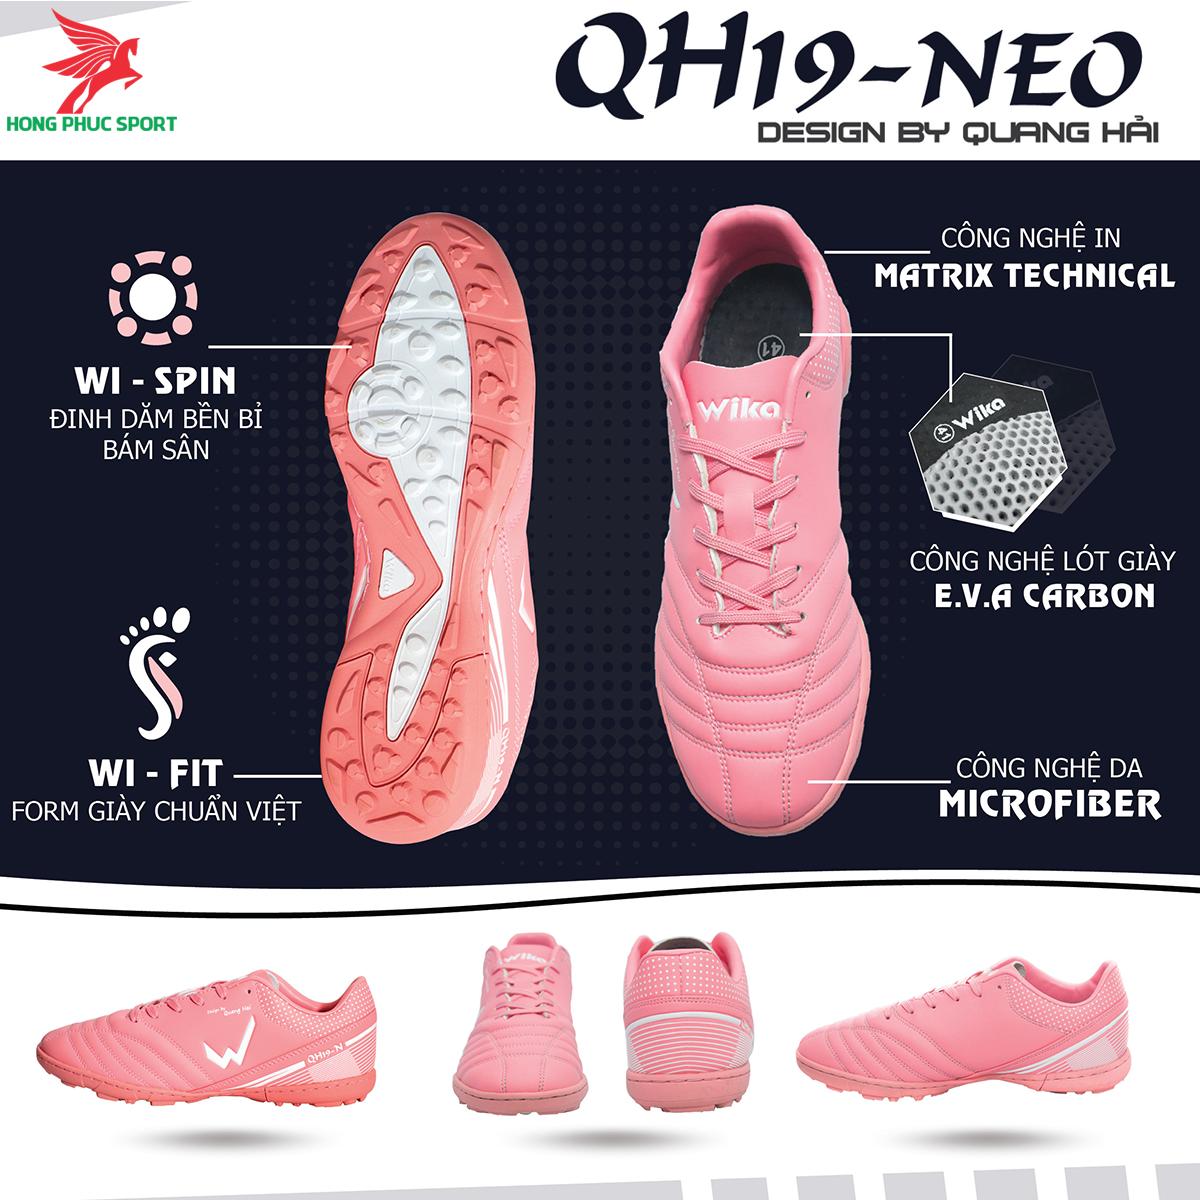 https://cdn.hongphucsport.com/unsafe/s4.shopbay.vn/files/285/giay-da-bong-wika-qh19-neo-mau-hong-1-605866dc26e8a.png